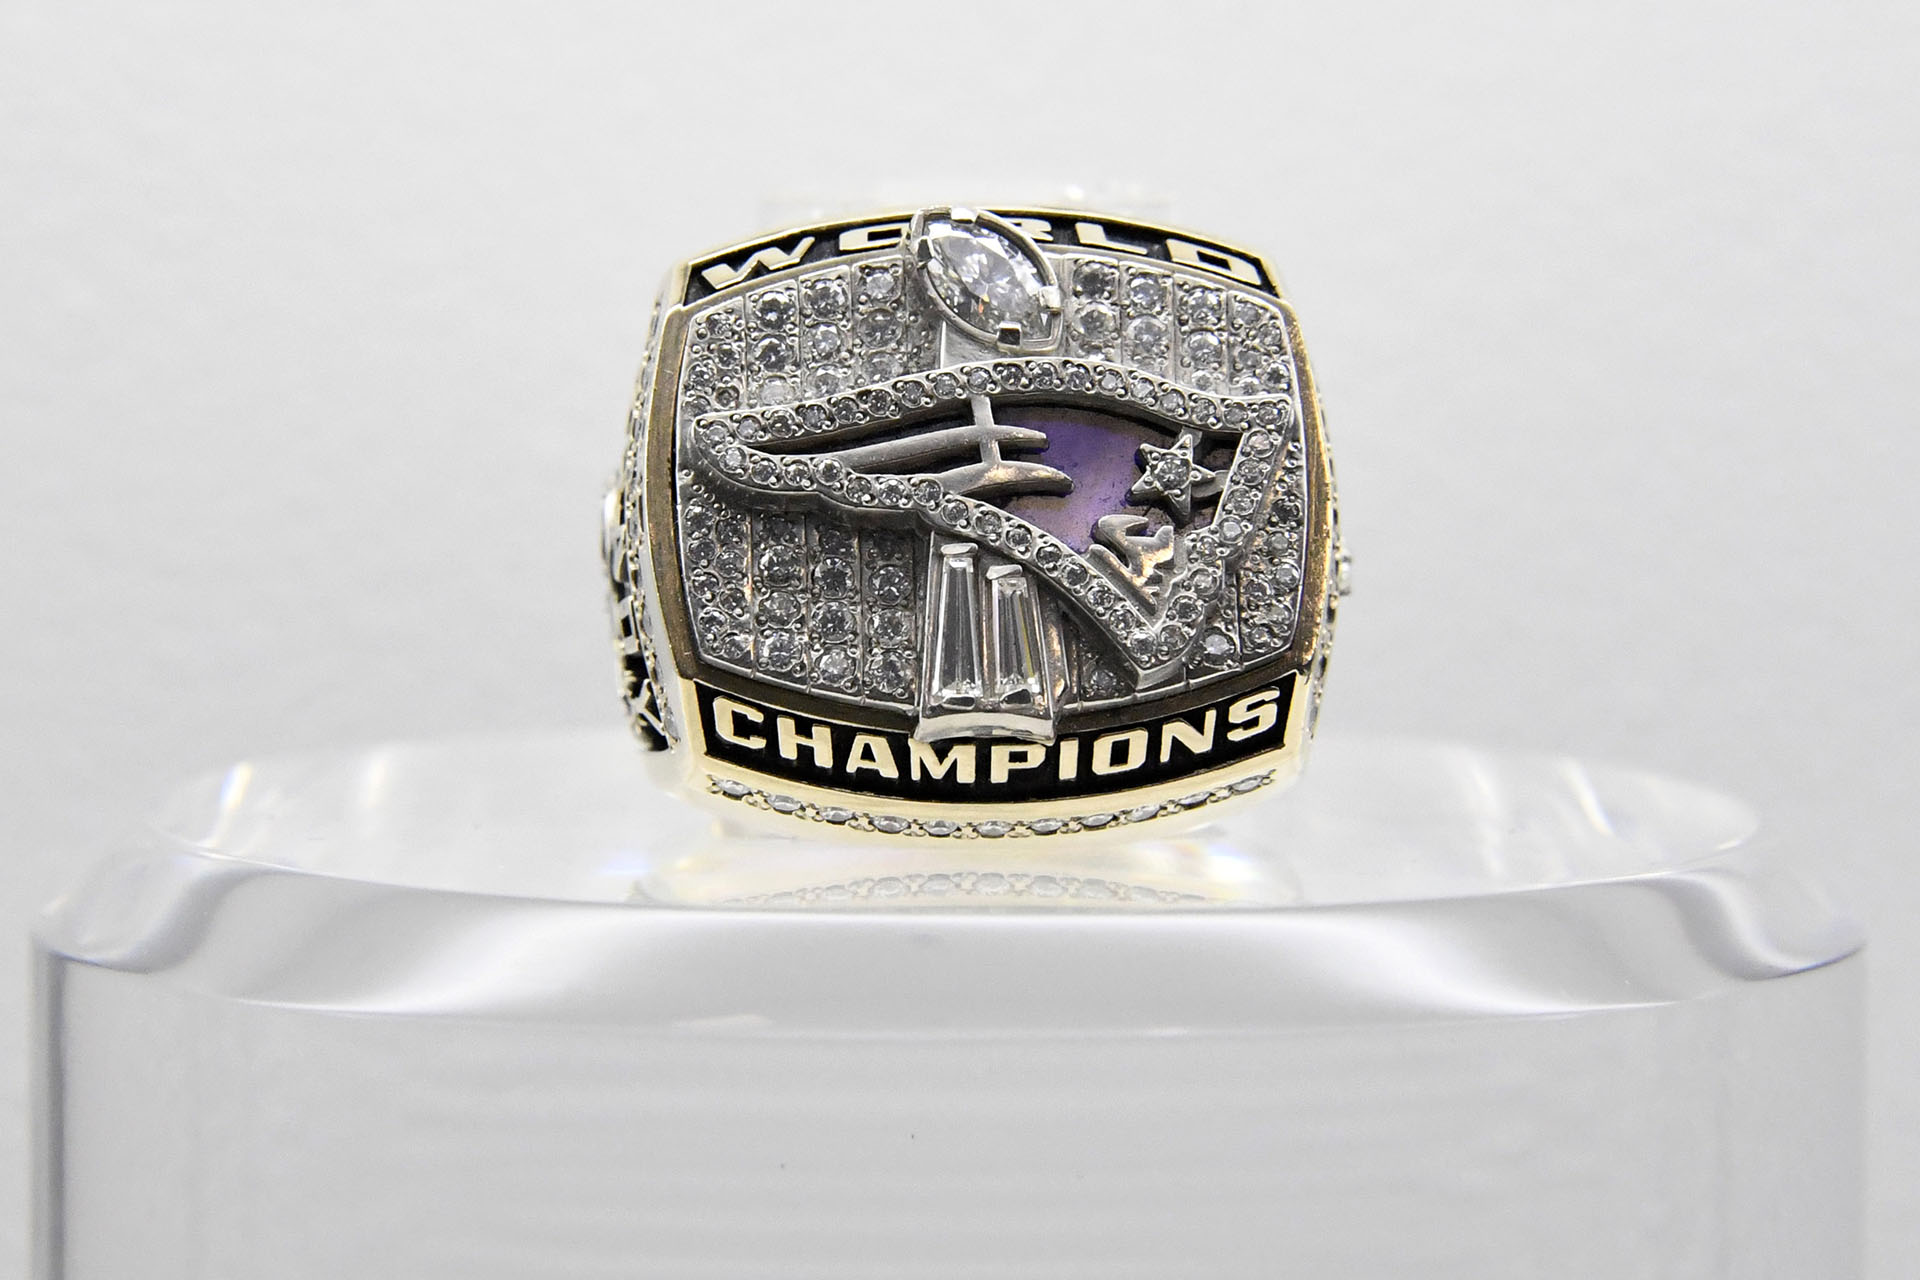 El anillo del Super Bowl XXXVI recuerda al triunfo de los New England Patriots 20-17 sobre los St. Louis Rams en el Superdome de New Orleans en 2002